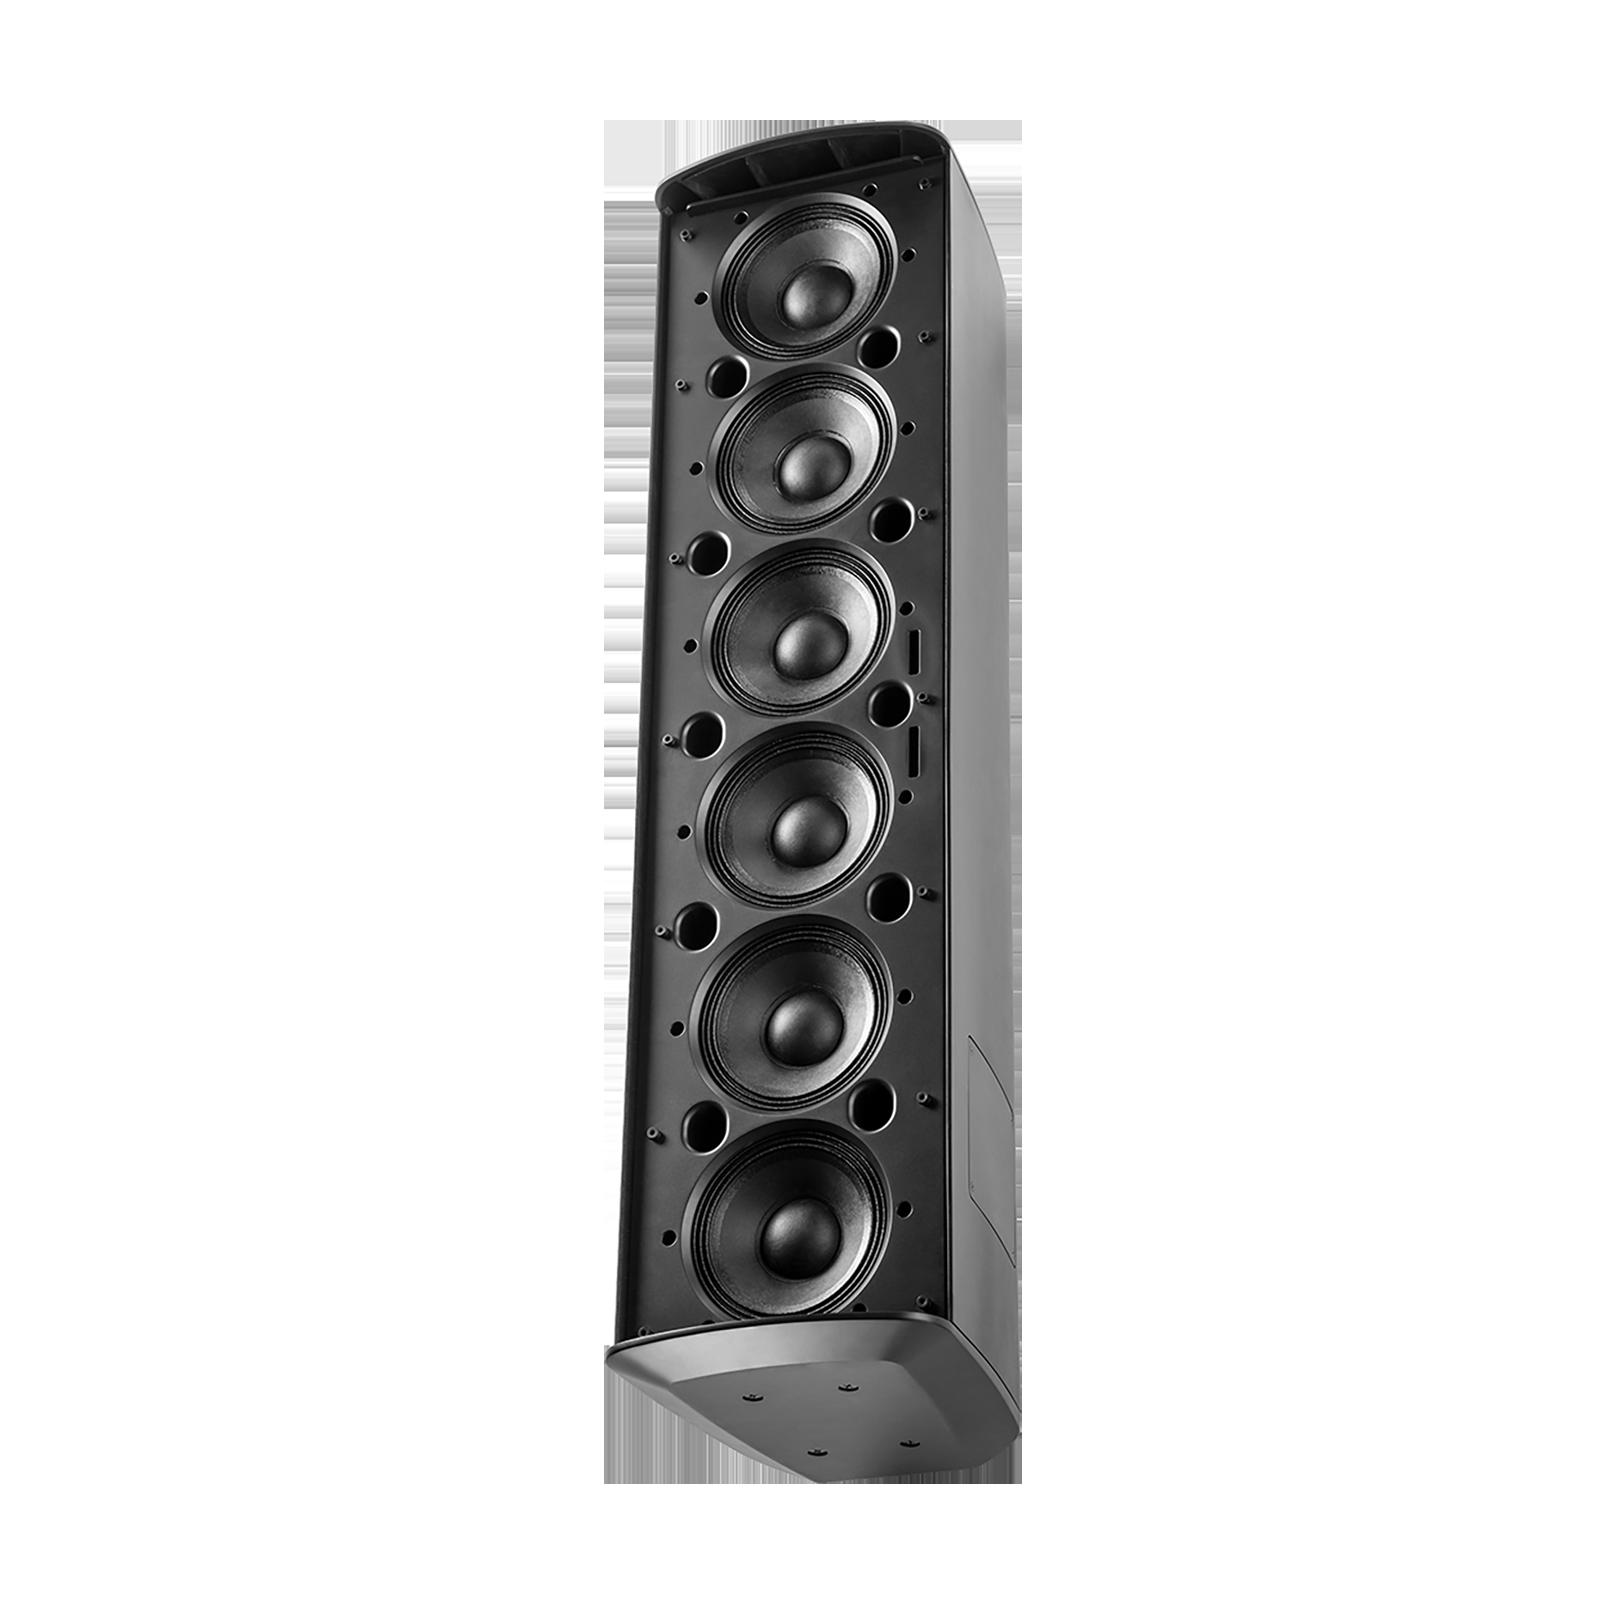 JBL CBT 1000E (B-Stock) - Black - Extension for CBT 1000 Line Array Column Speaker - Detailshot 1